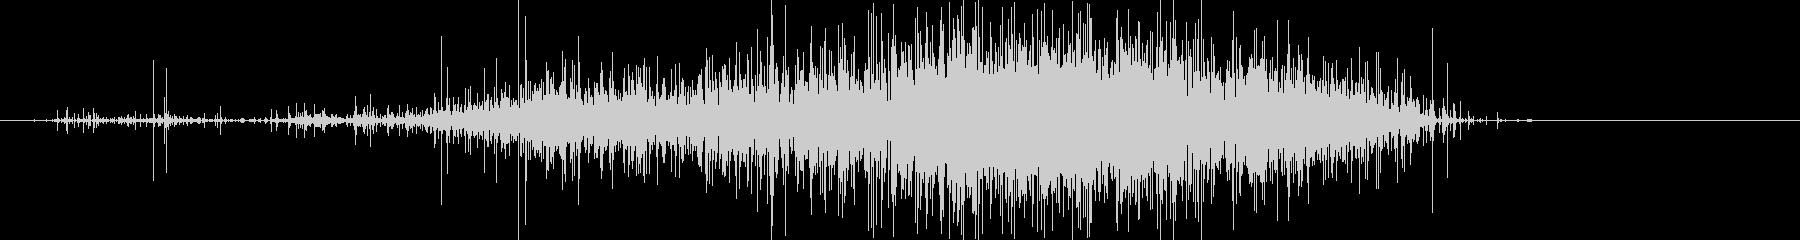 ササー(レインスティック)Bの未再生の波形